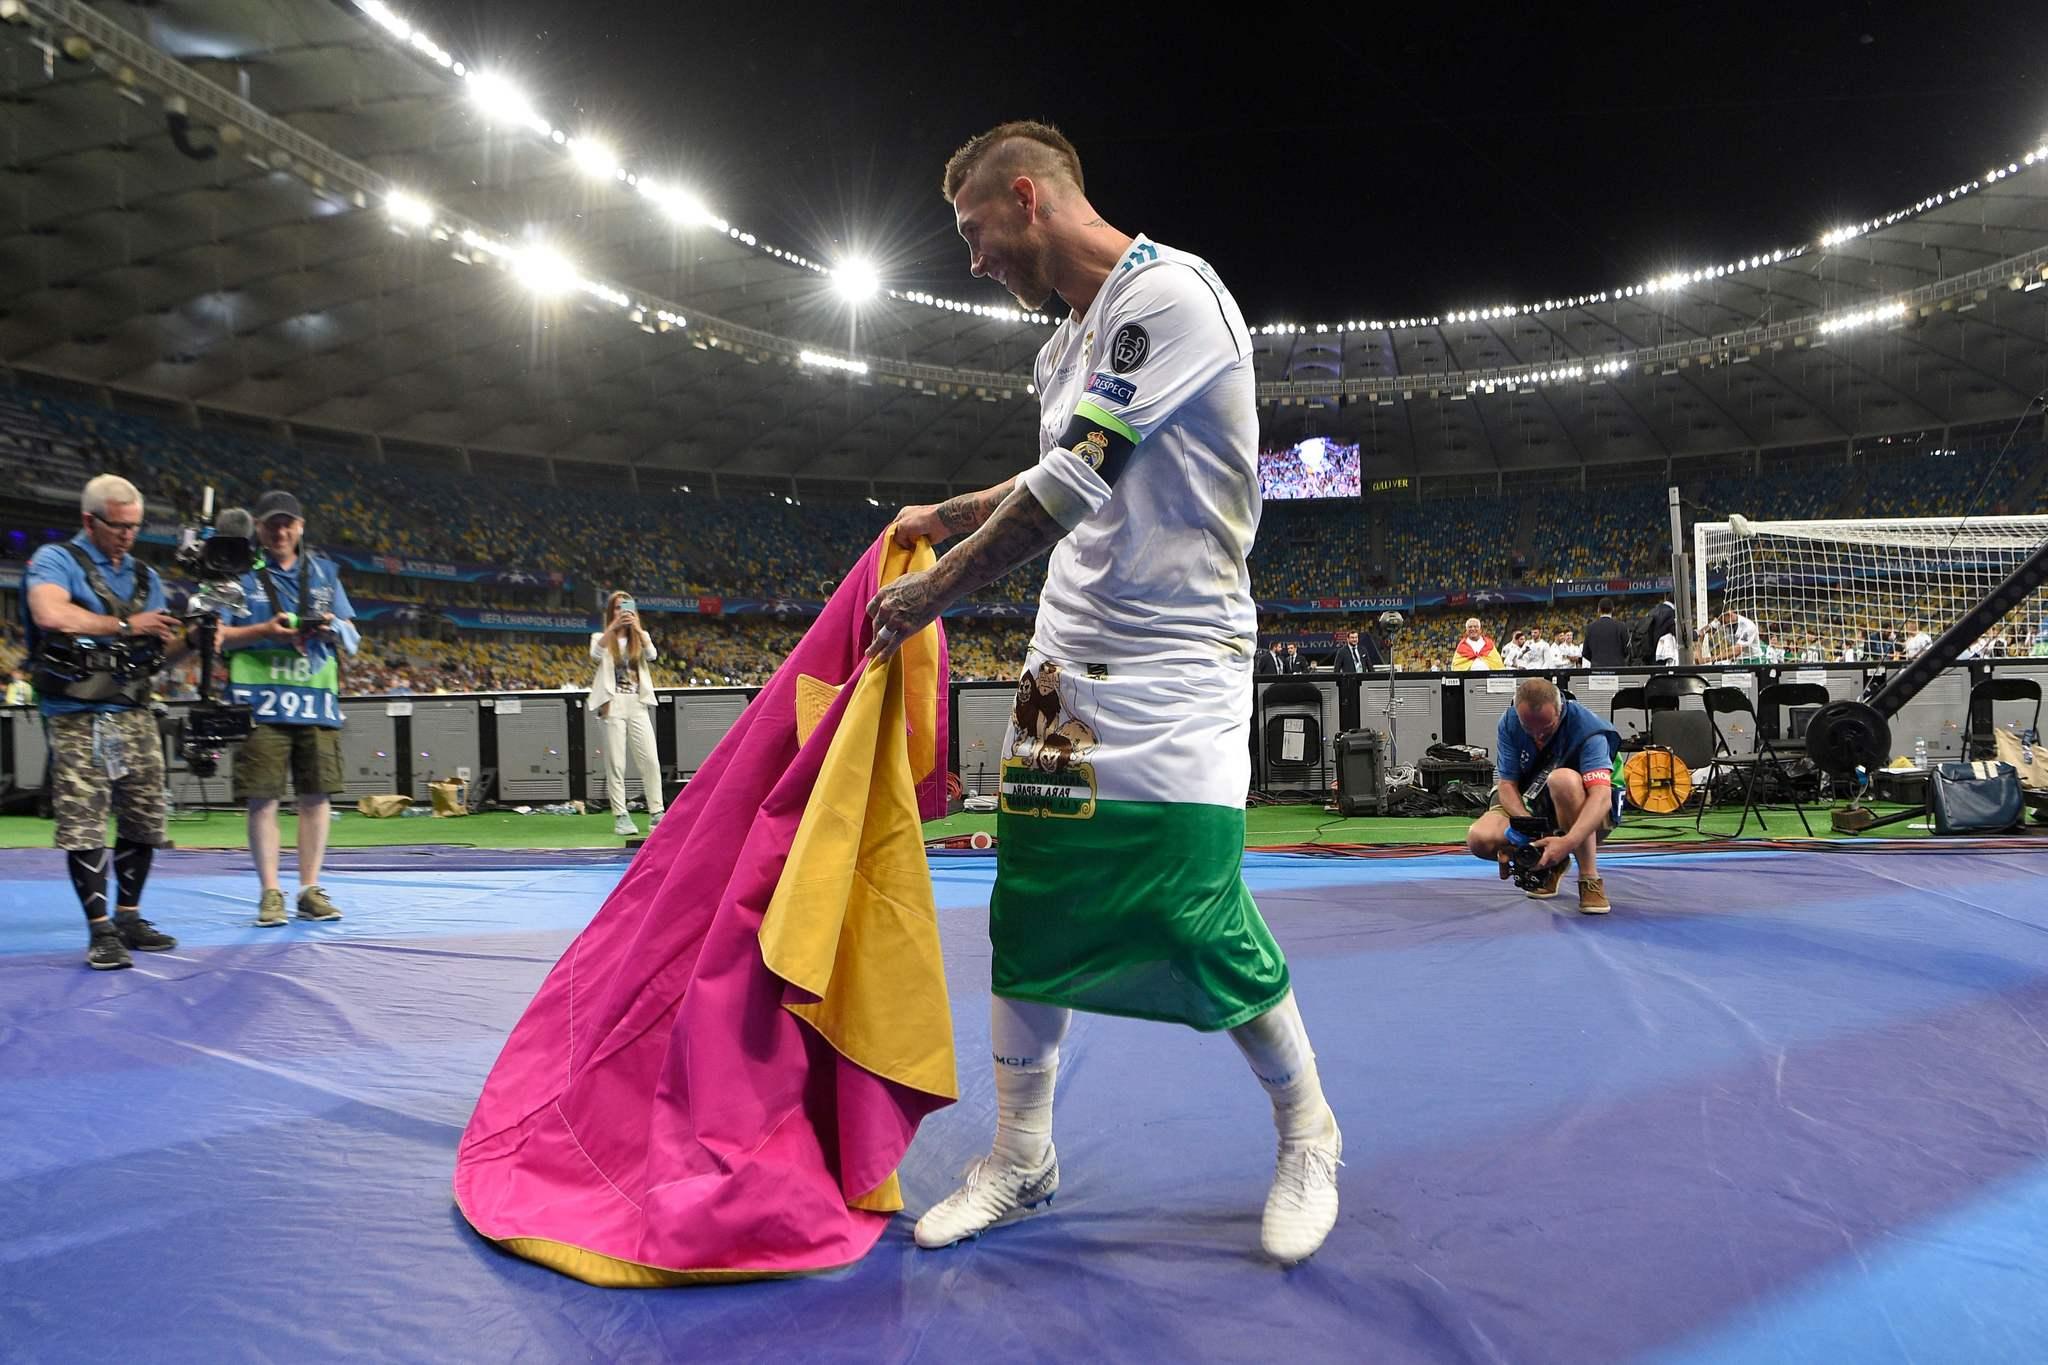 Sergio Ramos toreando, con la bandera de Andalucía en la cintura,...